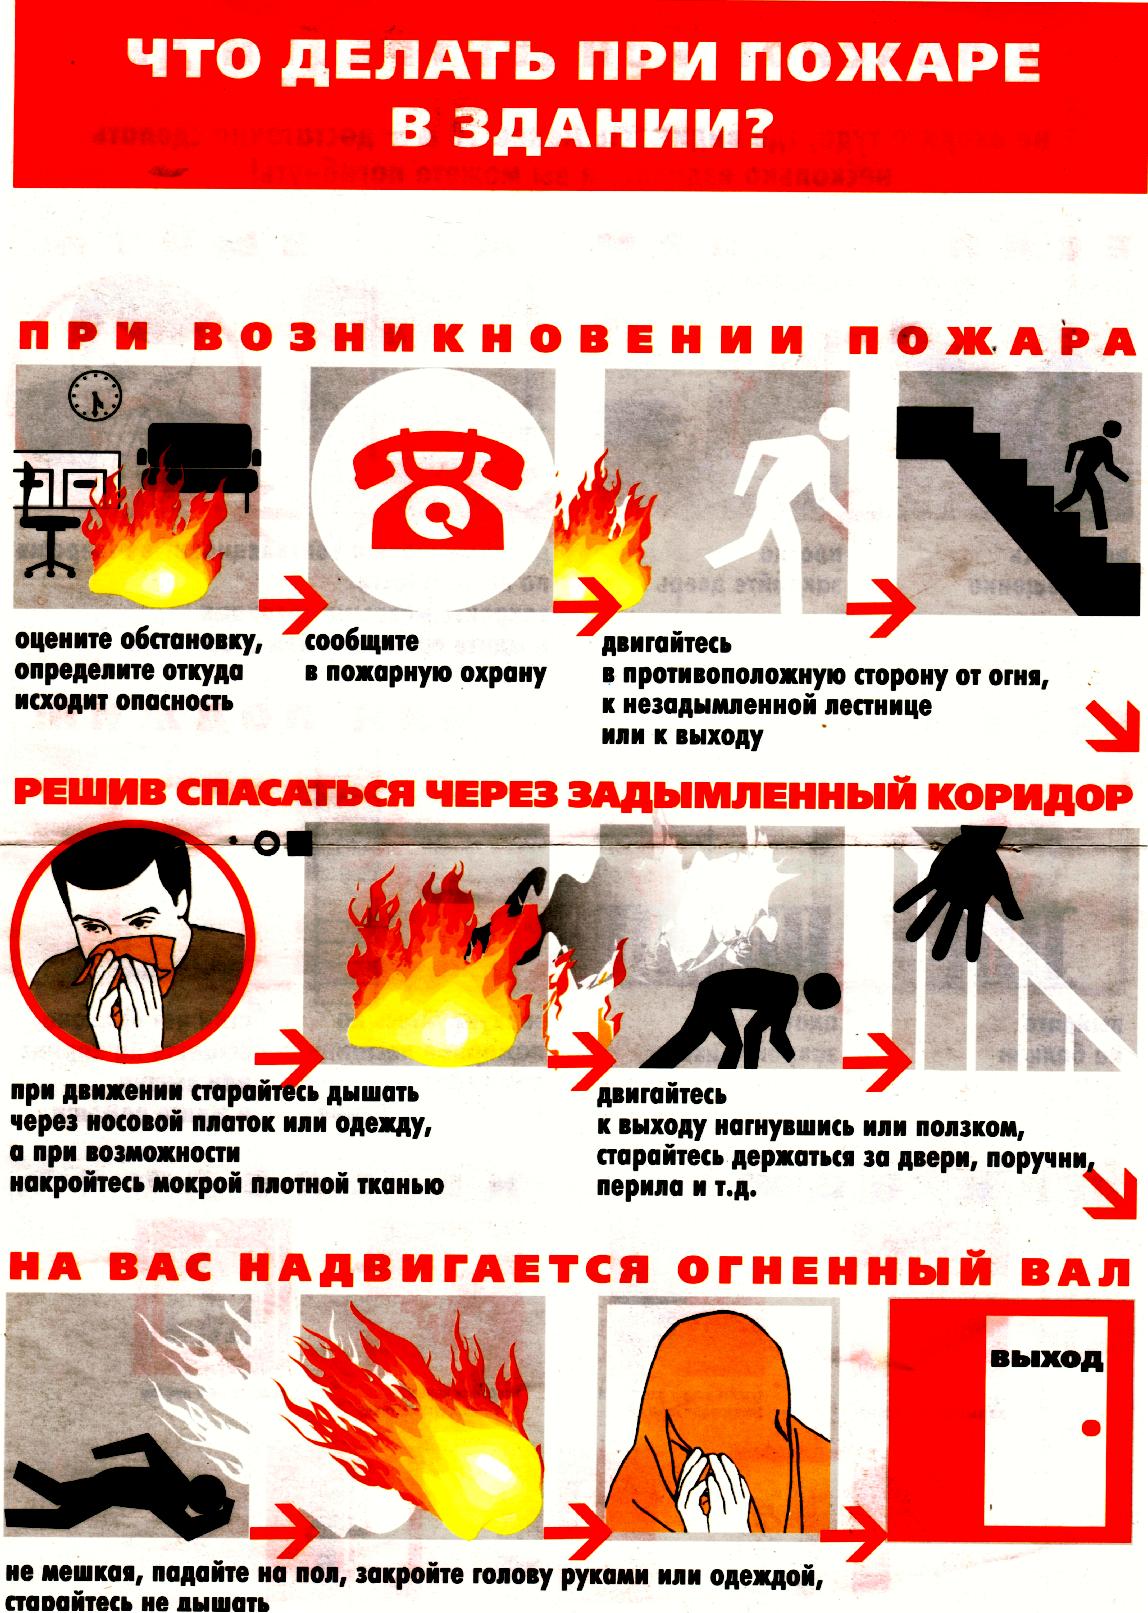 Памятка при пожаре по действиям с картинками